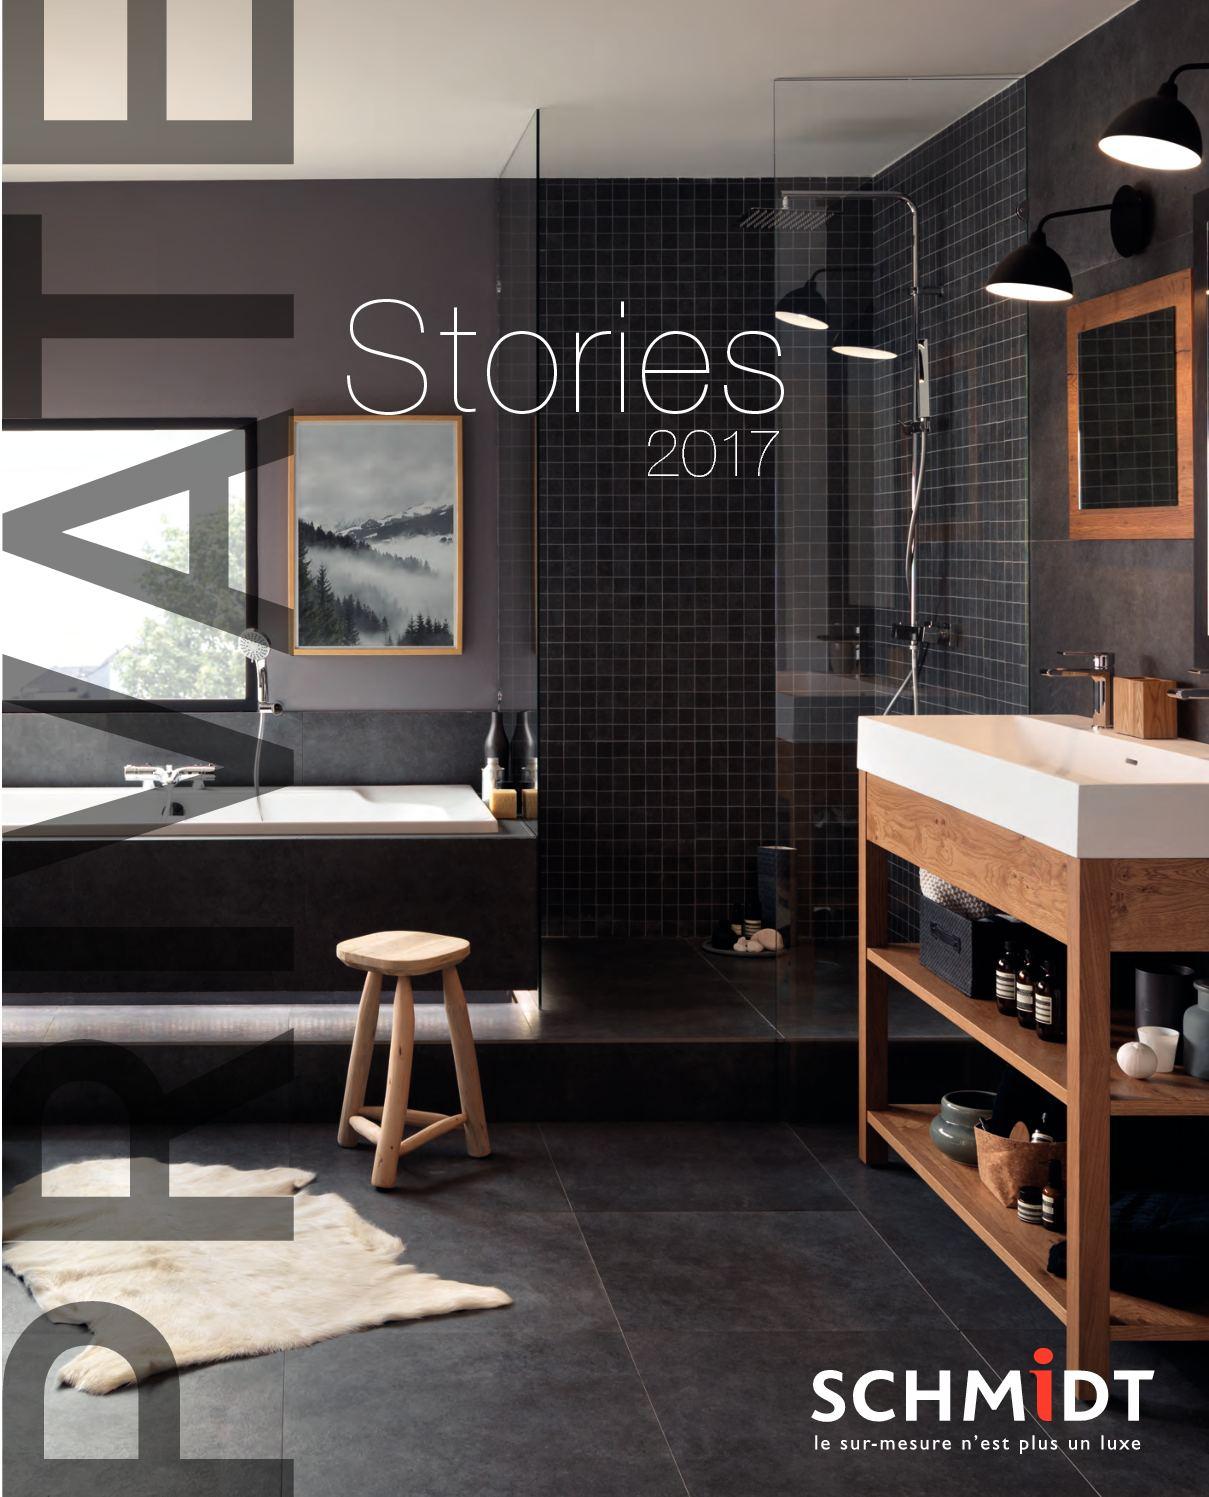 Calam o catalogue salle de bains schmidt 2017 - Salle de bains schmidt ...